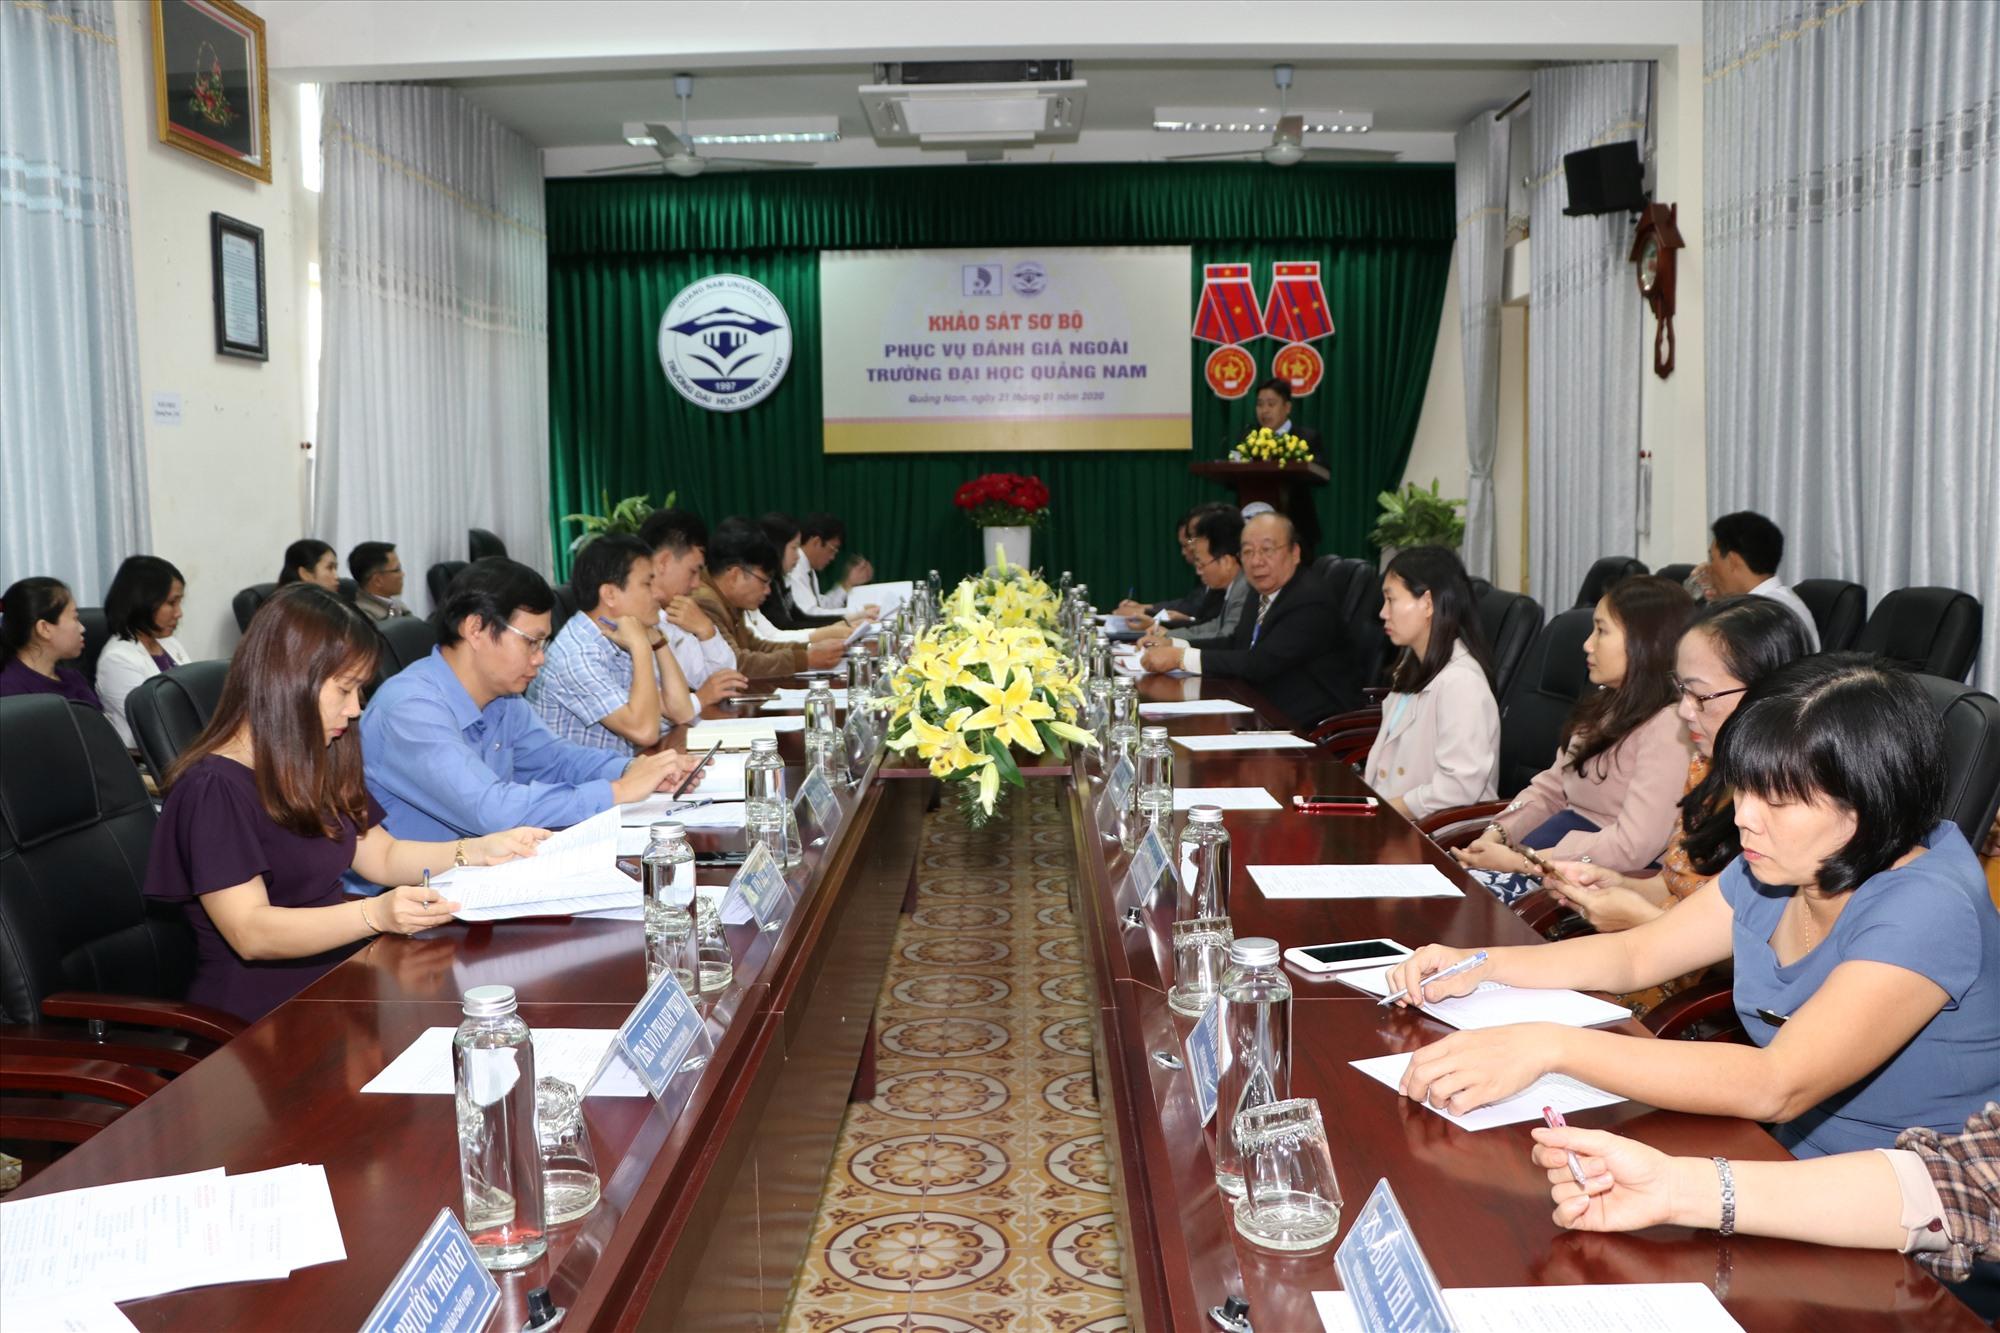 Đoàn chuyên gia đánh giá ngoài cơ sở giáo dục làm việc với Hội đồng tự đánh giá của Trường Đại học Quảng Nam. Ảnh: CHÂU HÙNG